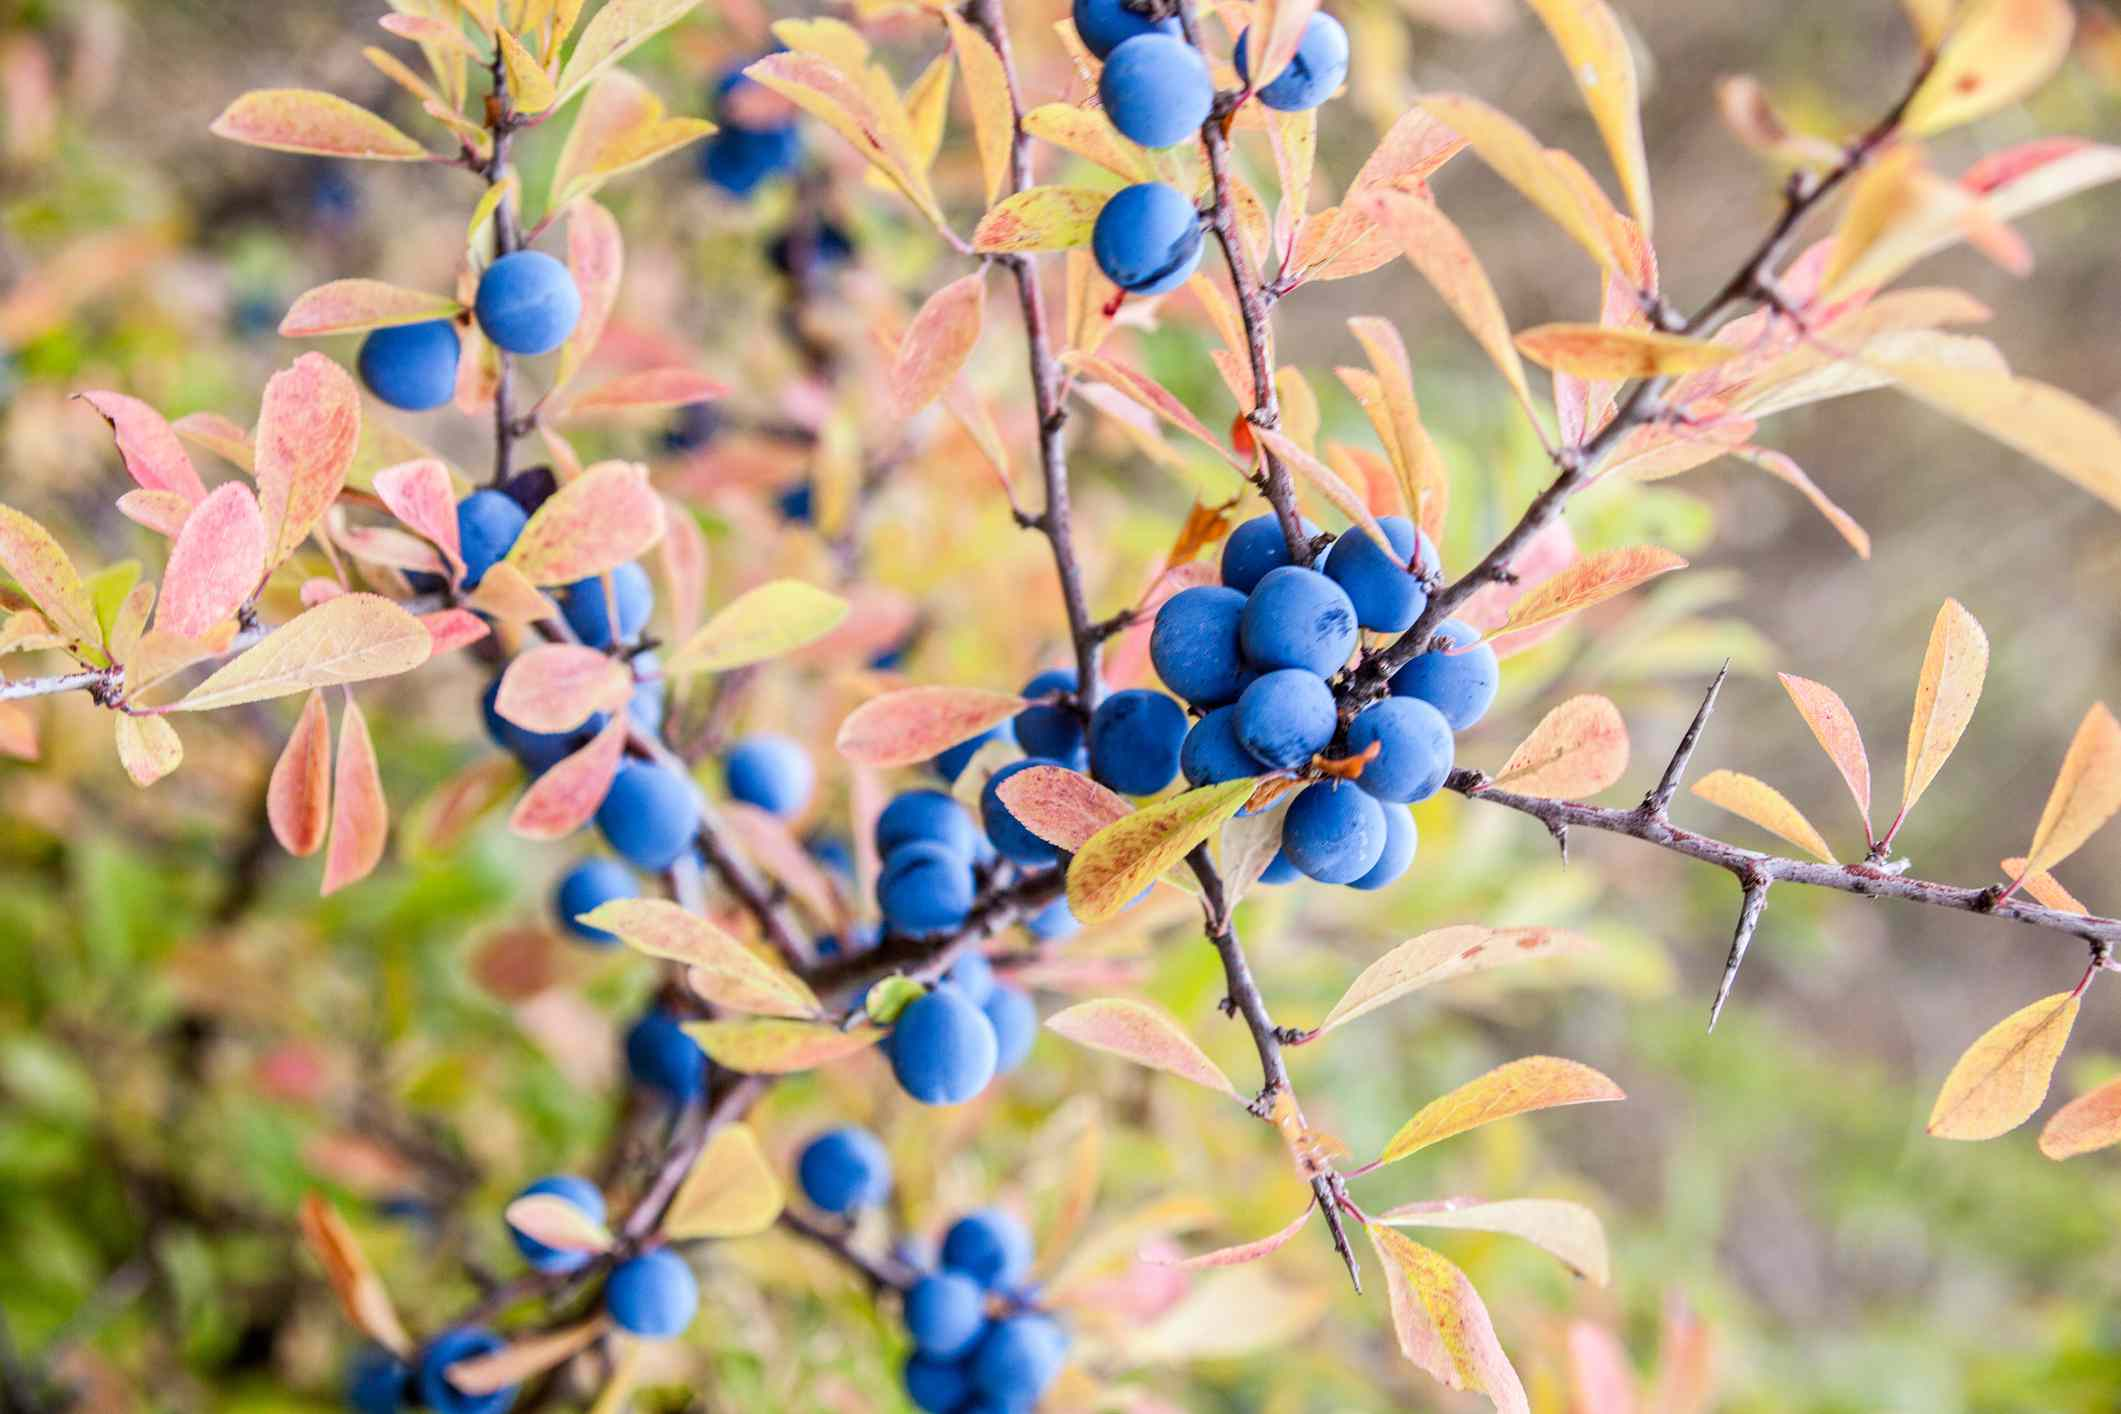 Blackthorn (Prunus spinosa) berries